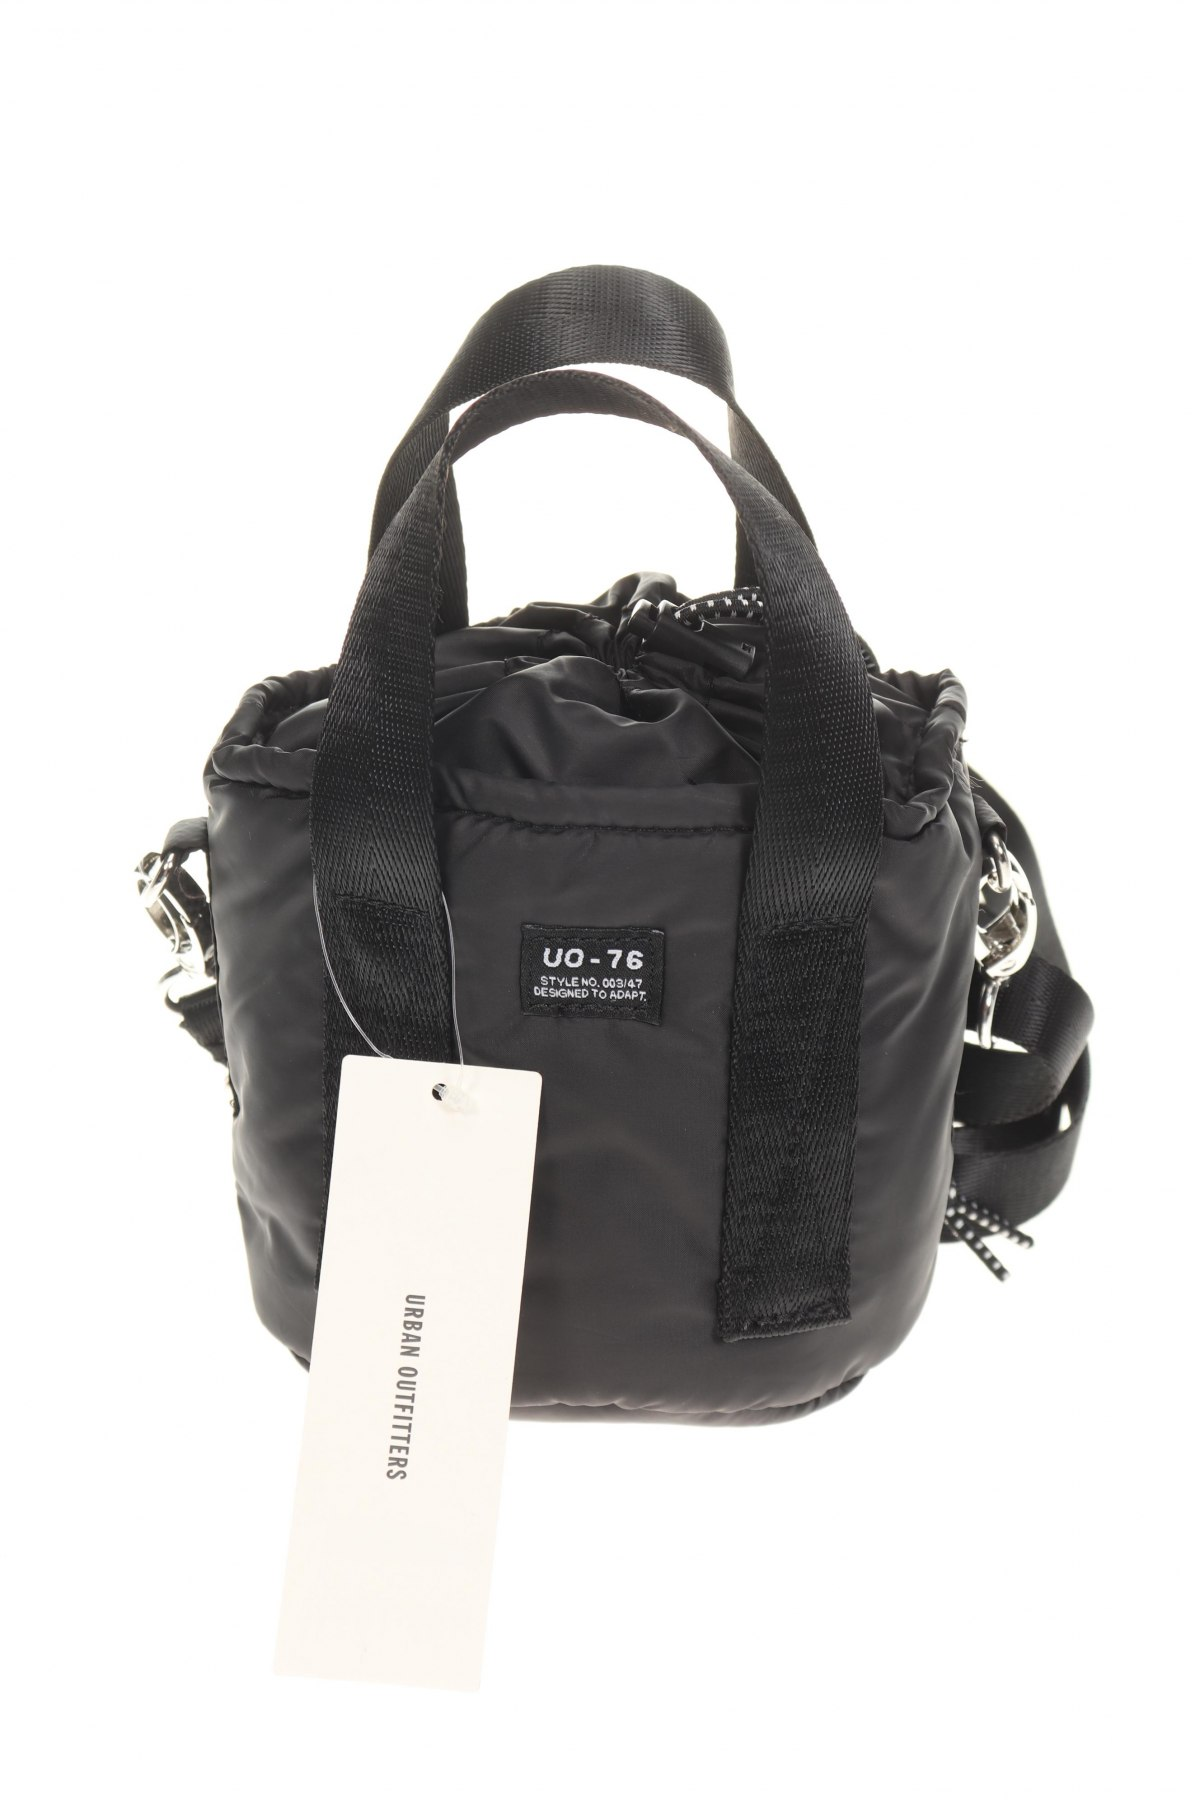 Γυναικεία τσάντα Urban Outfitters, Χρώμα Μαύρο, Κλωστοϋφαντουργικά προϊόντα, Τιμή 26,68€